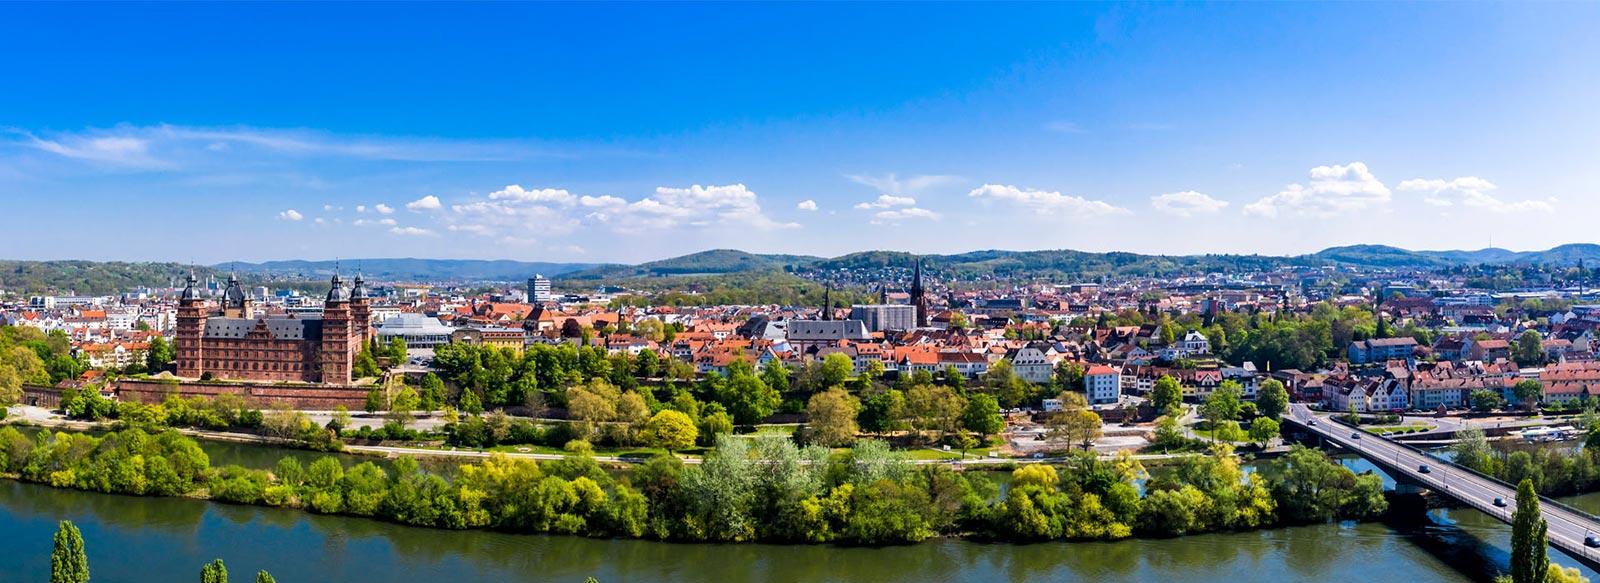 Aschaffenburg Luftbild